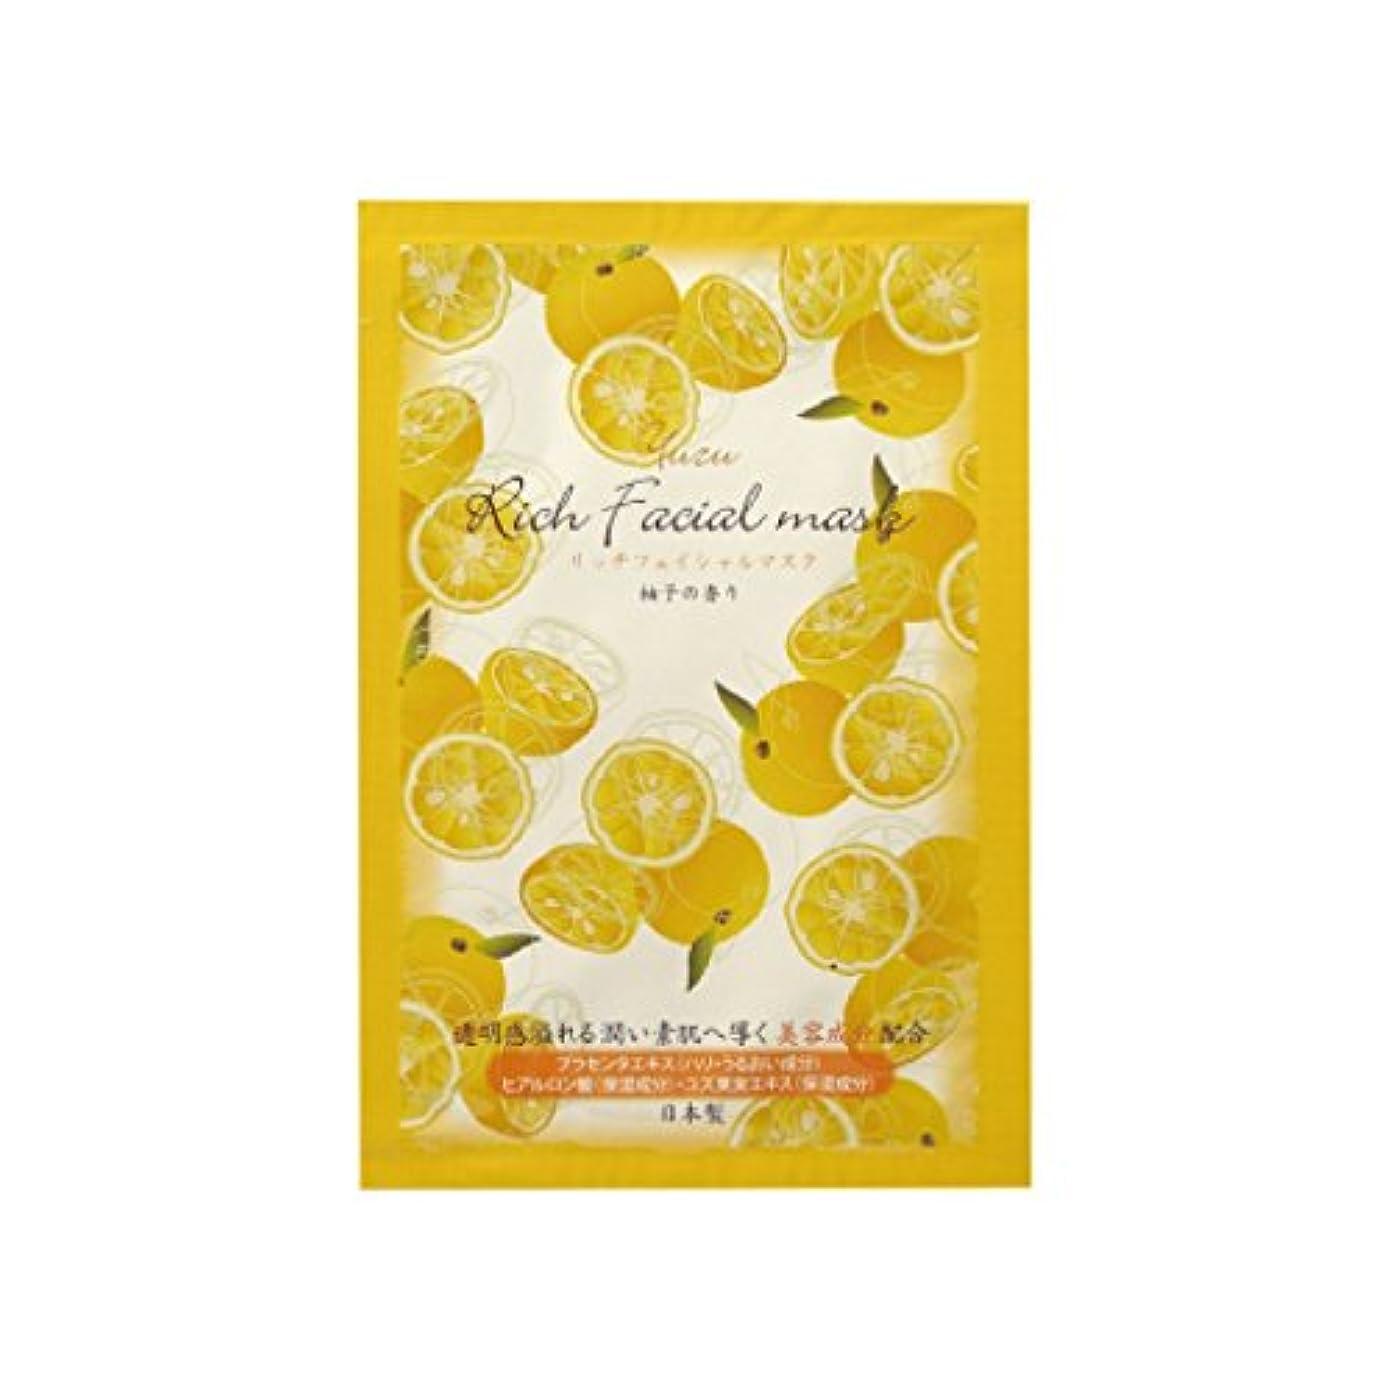 コック傷つきやすいアプトリッチフェイシャルマスク 柚子の香り 100枚